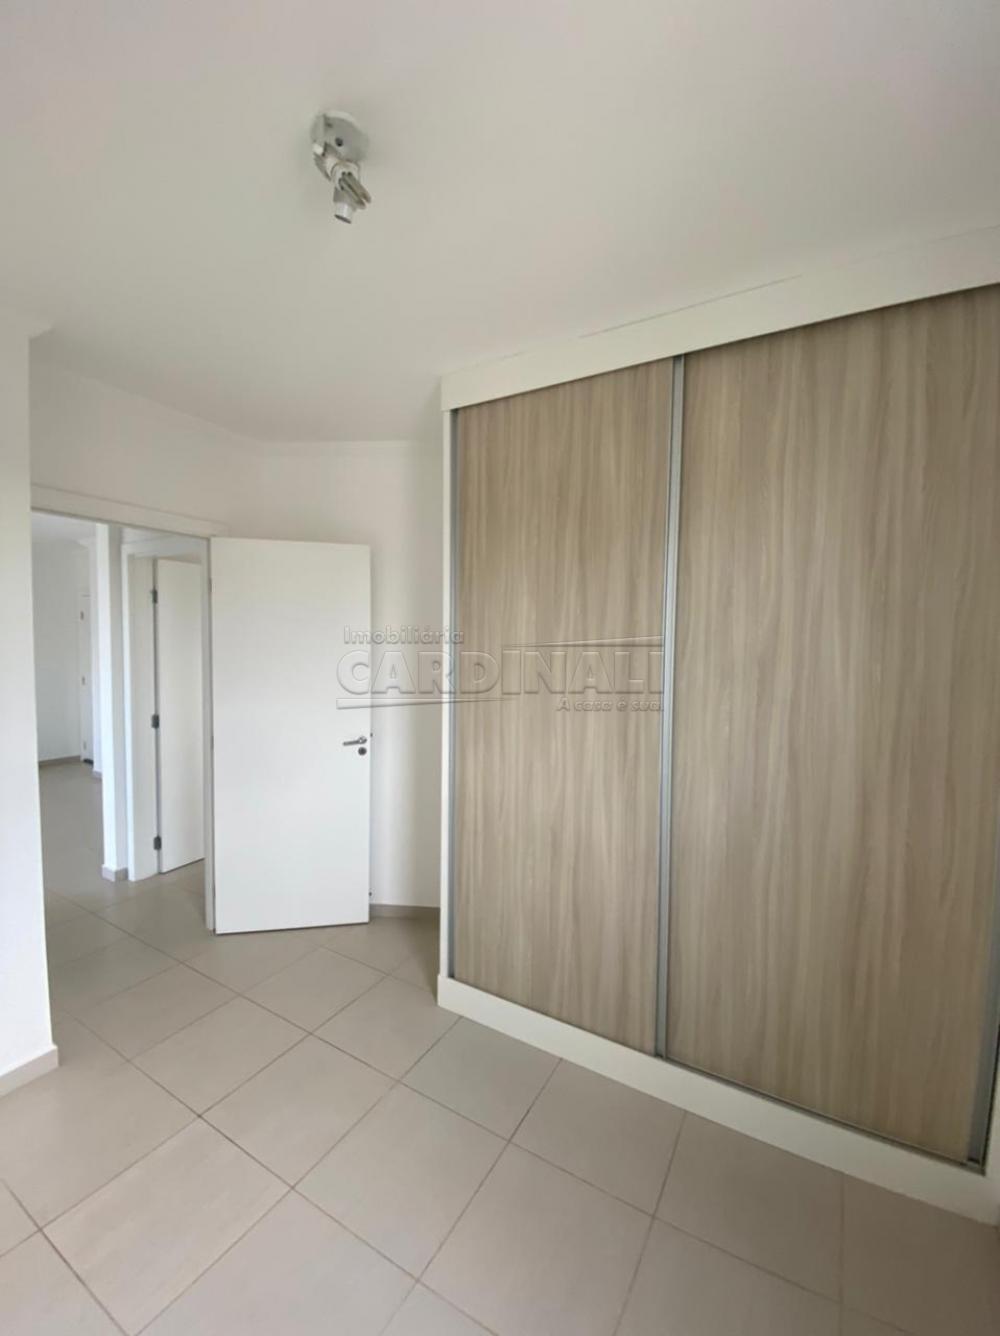 Alugar Apartamento / Padrão em São Carlos R$ 1.700,00 - Foto 7